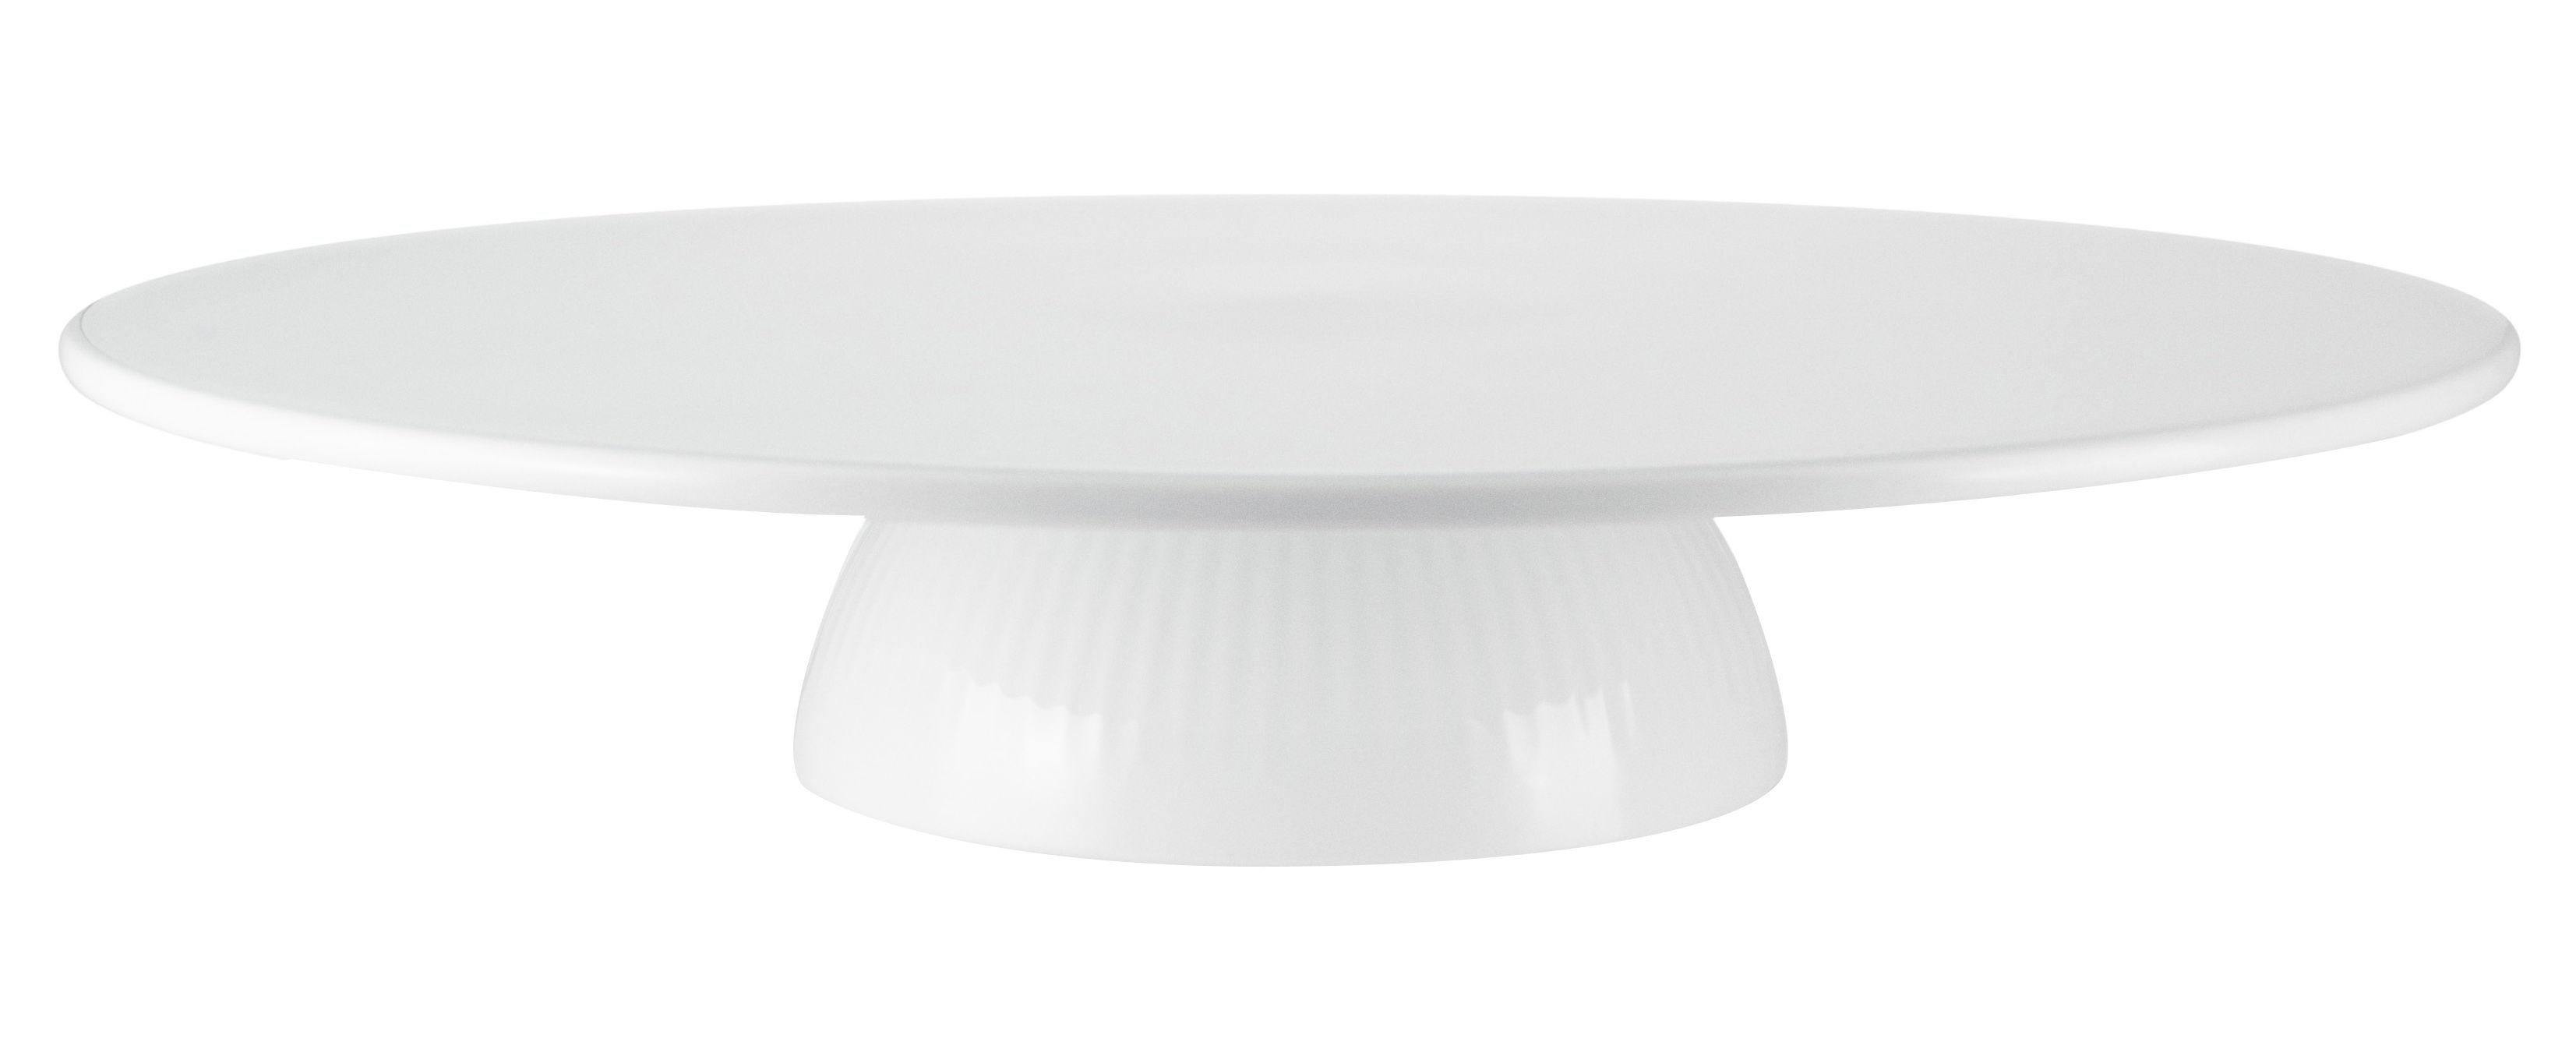 Arts de la table - Plats - Plateau à gâteau Legio Nova / Ø 34 cm - Porcelaine - Eva Trio - Blanc - Porcelaine